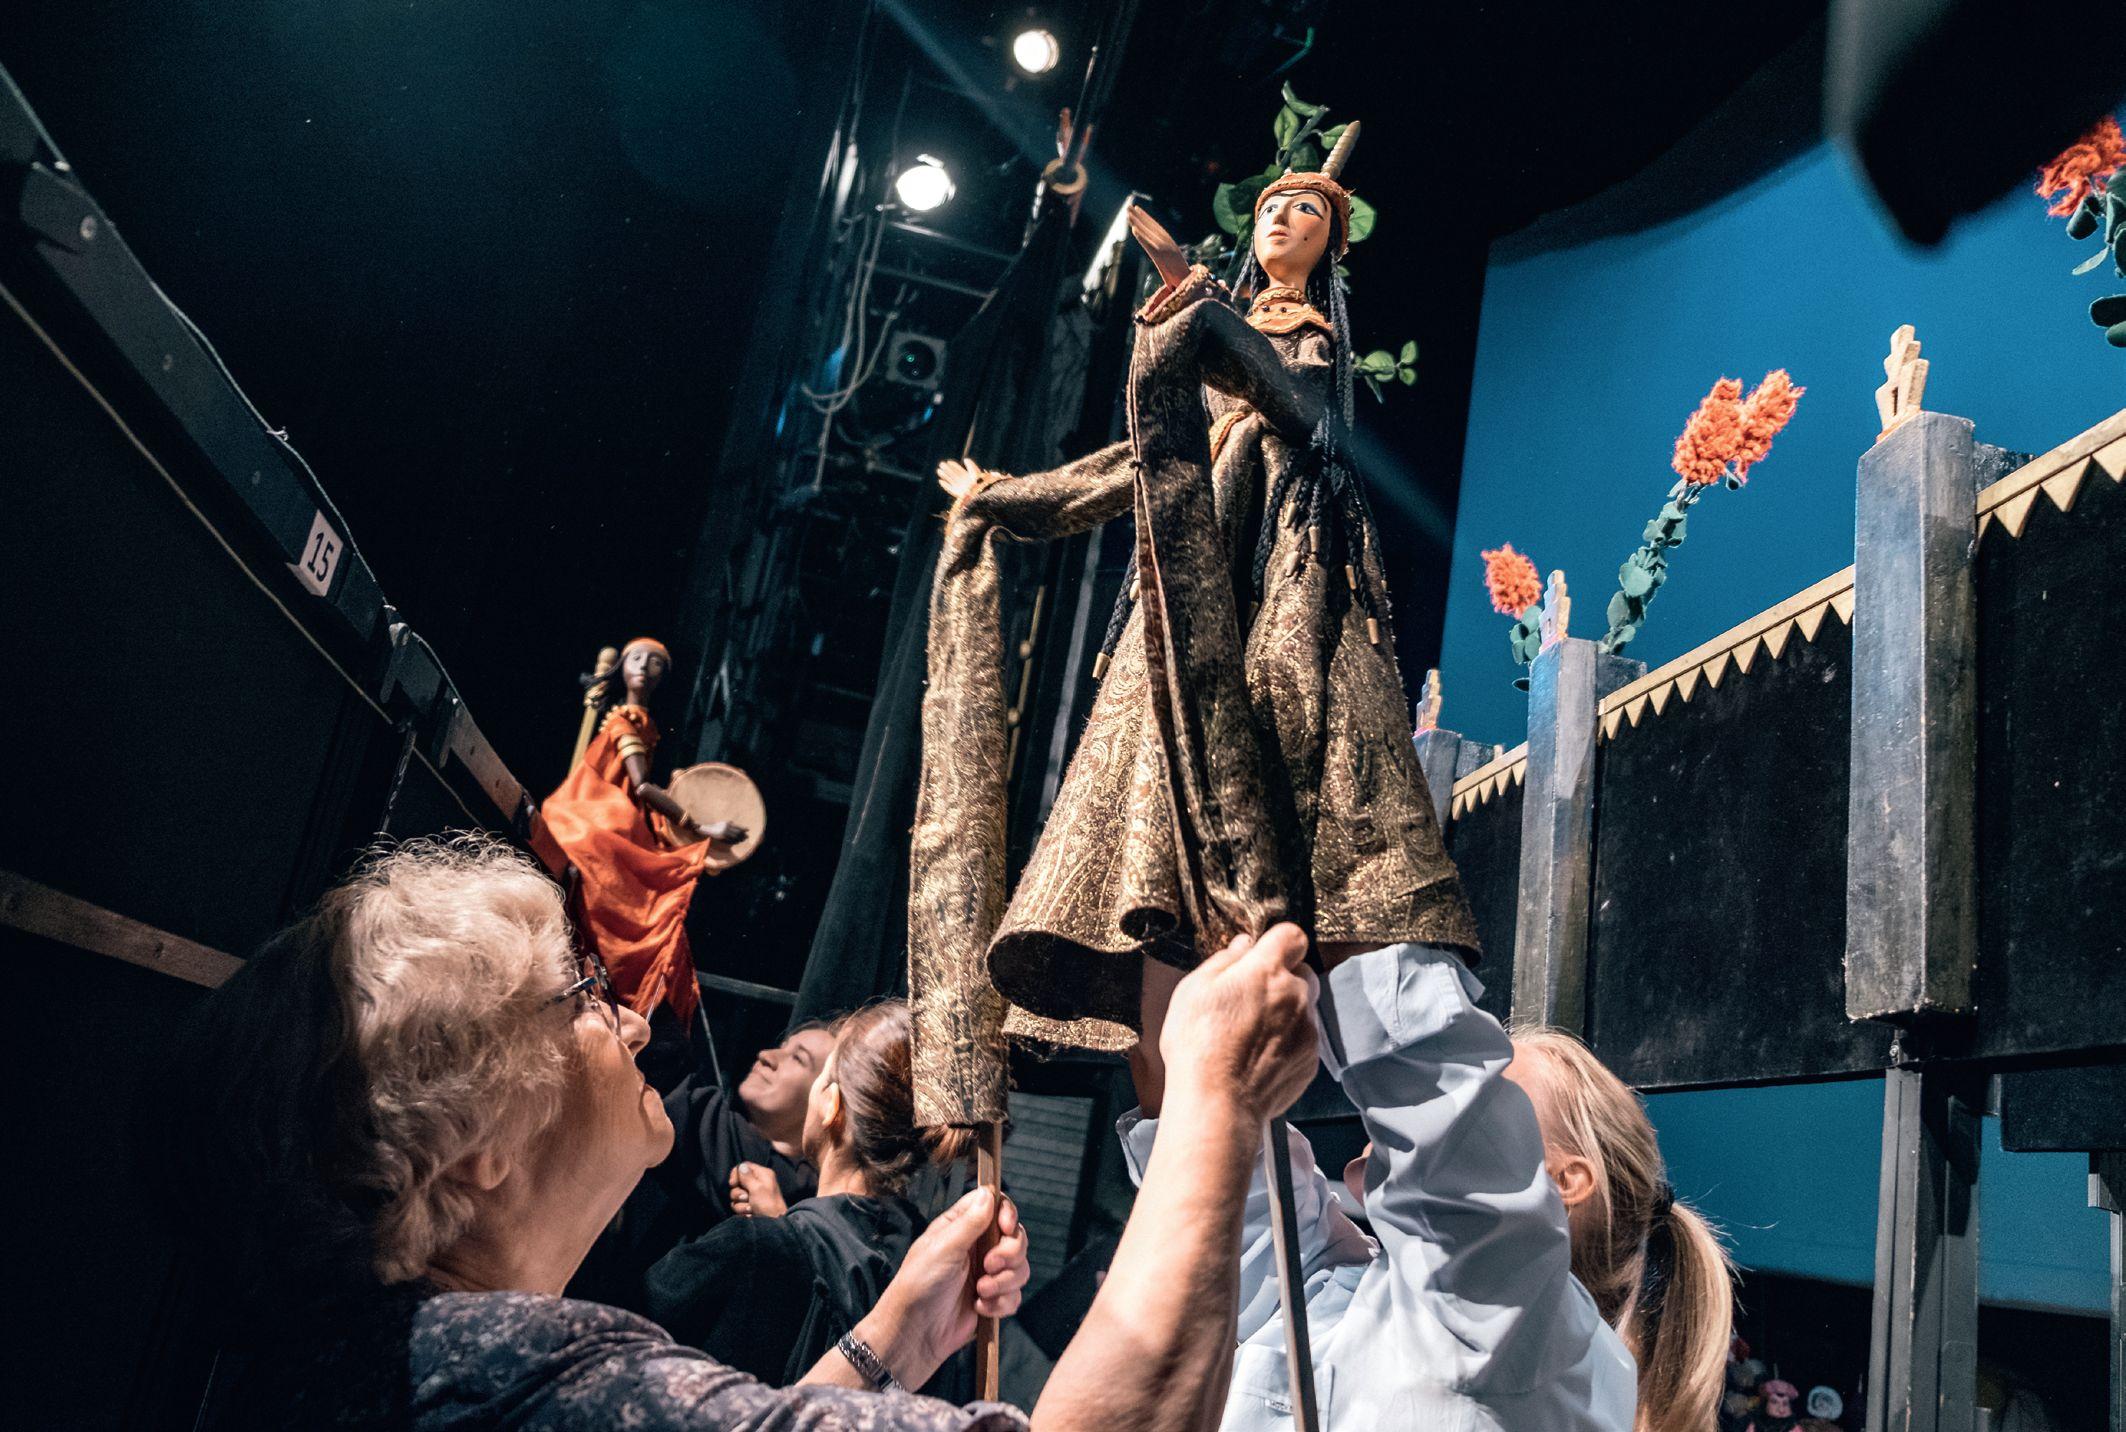 Театр марионеток имени Е. С. Деммени и Гродненский Театр кукол проводят обменные гастроли